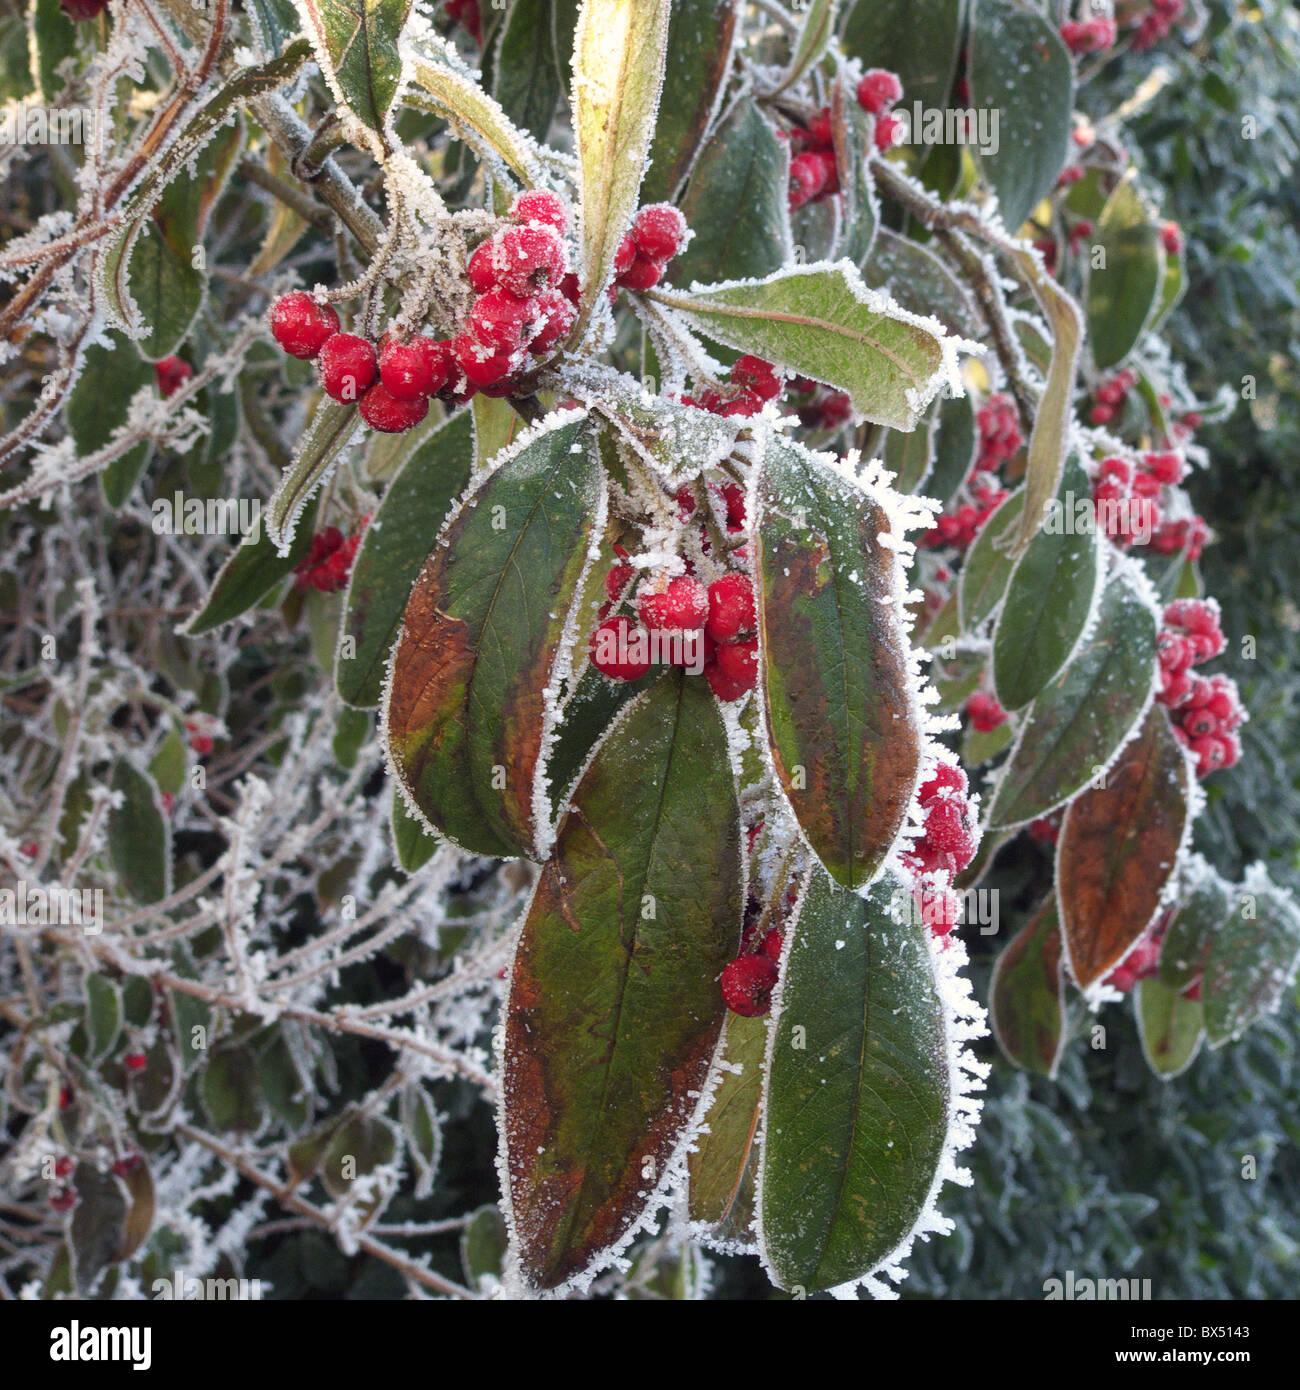 Zwergmispel frigidus 39 cornubia 39 strauch mit roten beeren for Baum mit roten beeren